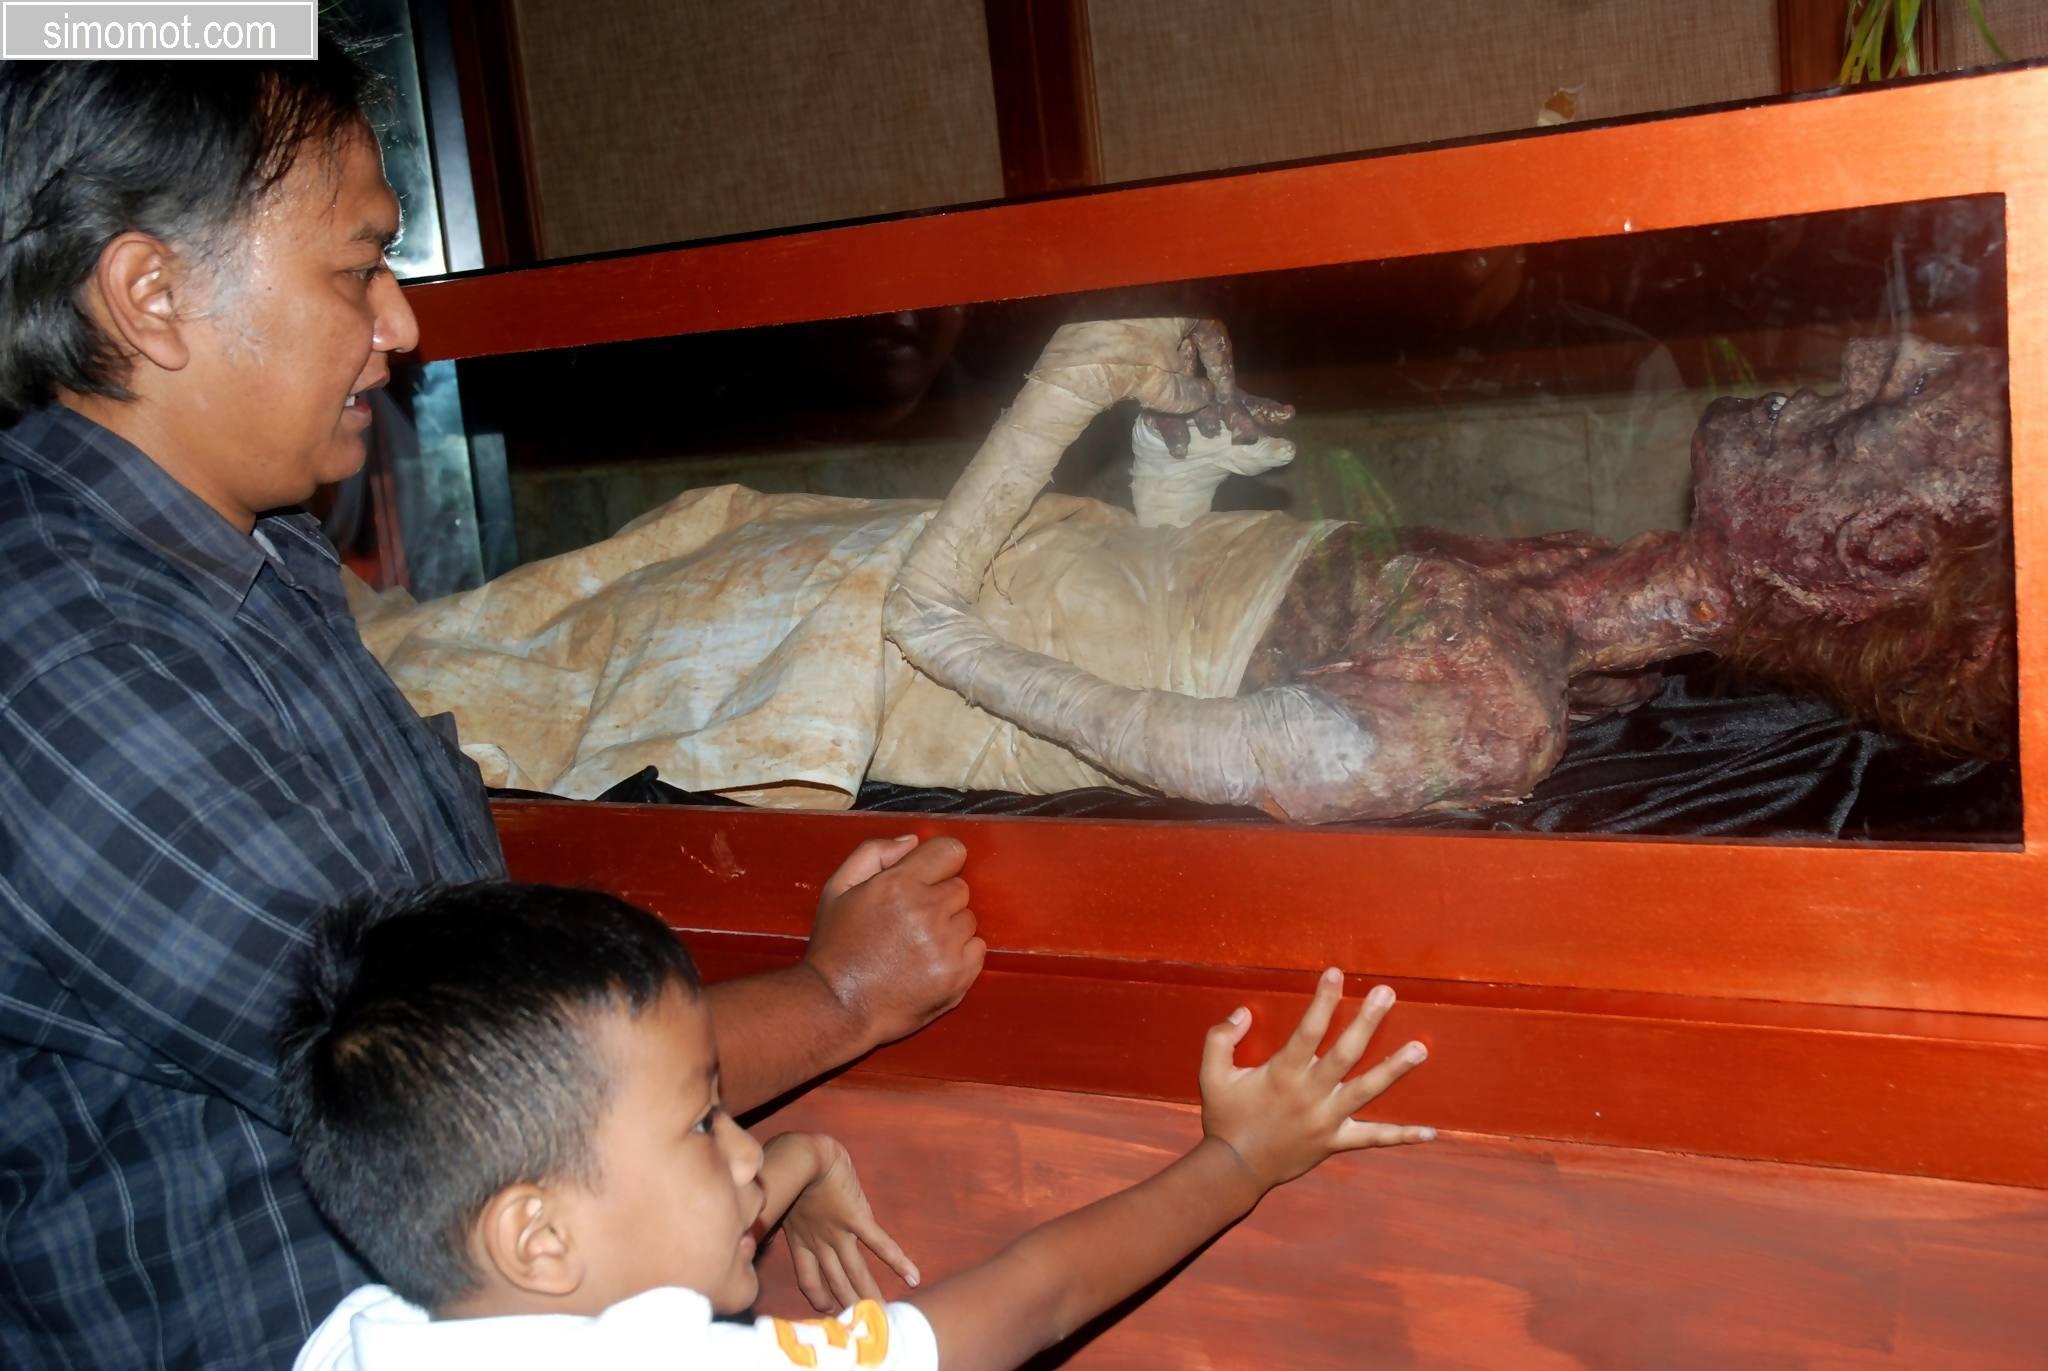 Pengunjung memerhatikan pajangan jasad dari mumi Fir'aun dalam Sarkafagus pada Pameran Mummy Fir'aun Ramses II, di Bandung, Jabar, Sabtu (31/1). Pameran yang berlangsung hingga 5 Februari 2015 ini menyajikan beragam kisah dan sosok raja Fir'aun dan Nabi Musa AS dalam kacamata Islam guna pemahaman serta pembelajaran kepada masyarakat terhadap nilai ke-Islaman sejak dini. ANTARA FOTO/Fahrul Jayadiputra